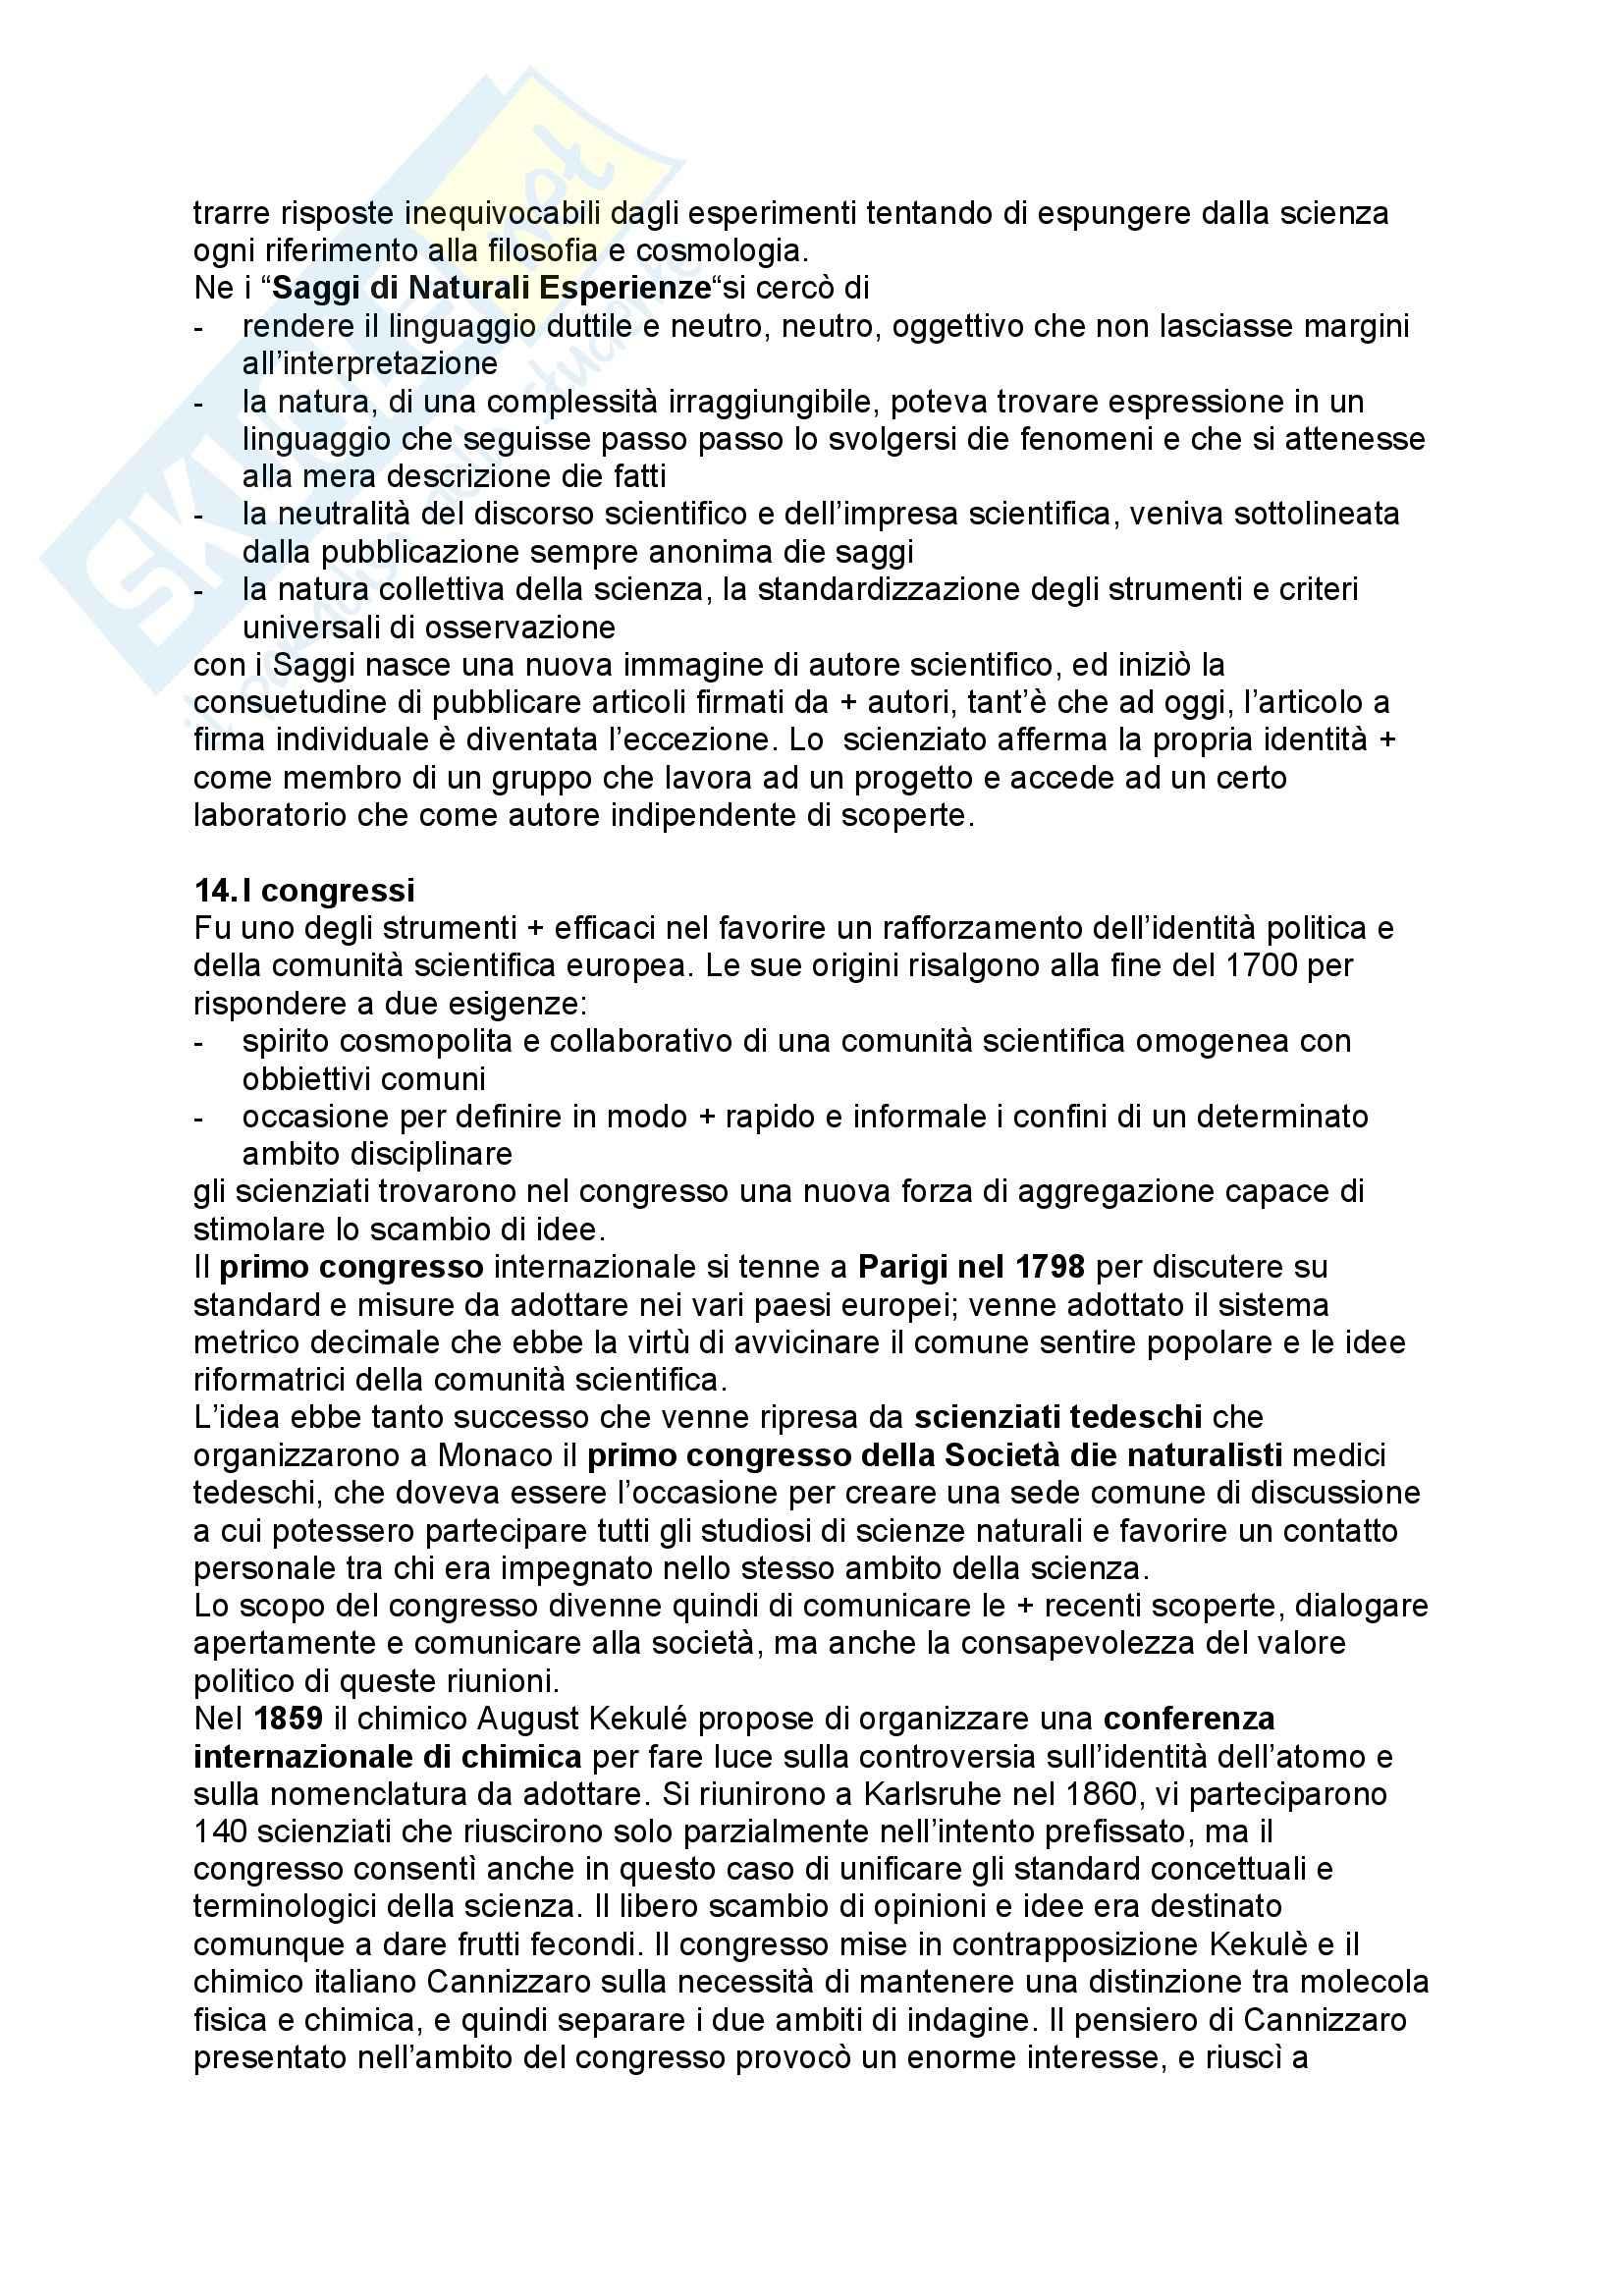 Storia della scienza e delle tecniche - storia materiale della scienza Pag. 11